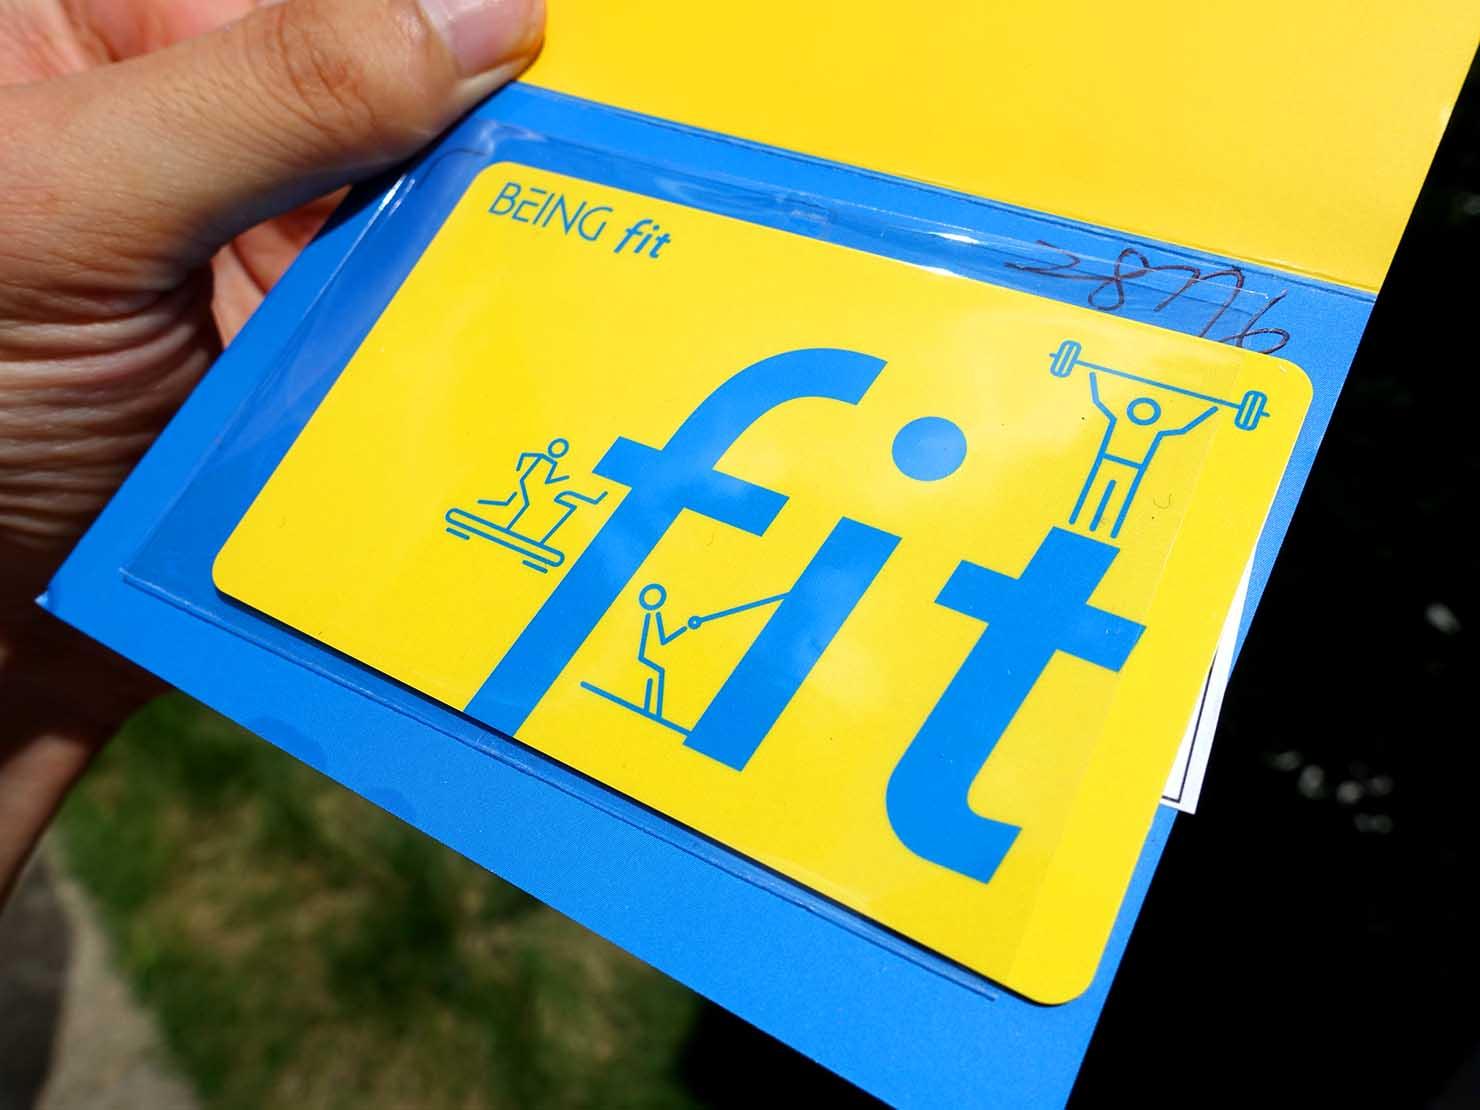 台湾のスポーツジム「BEING fit」のicashカード